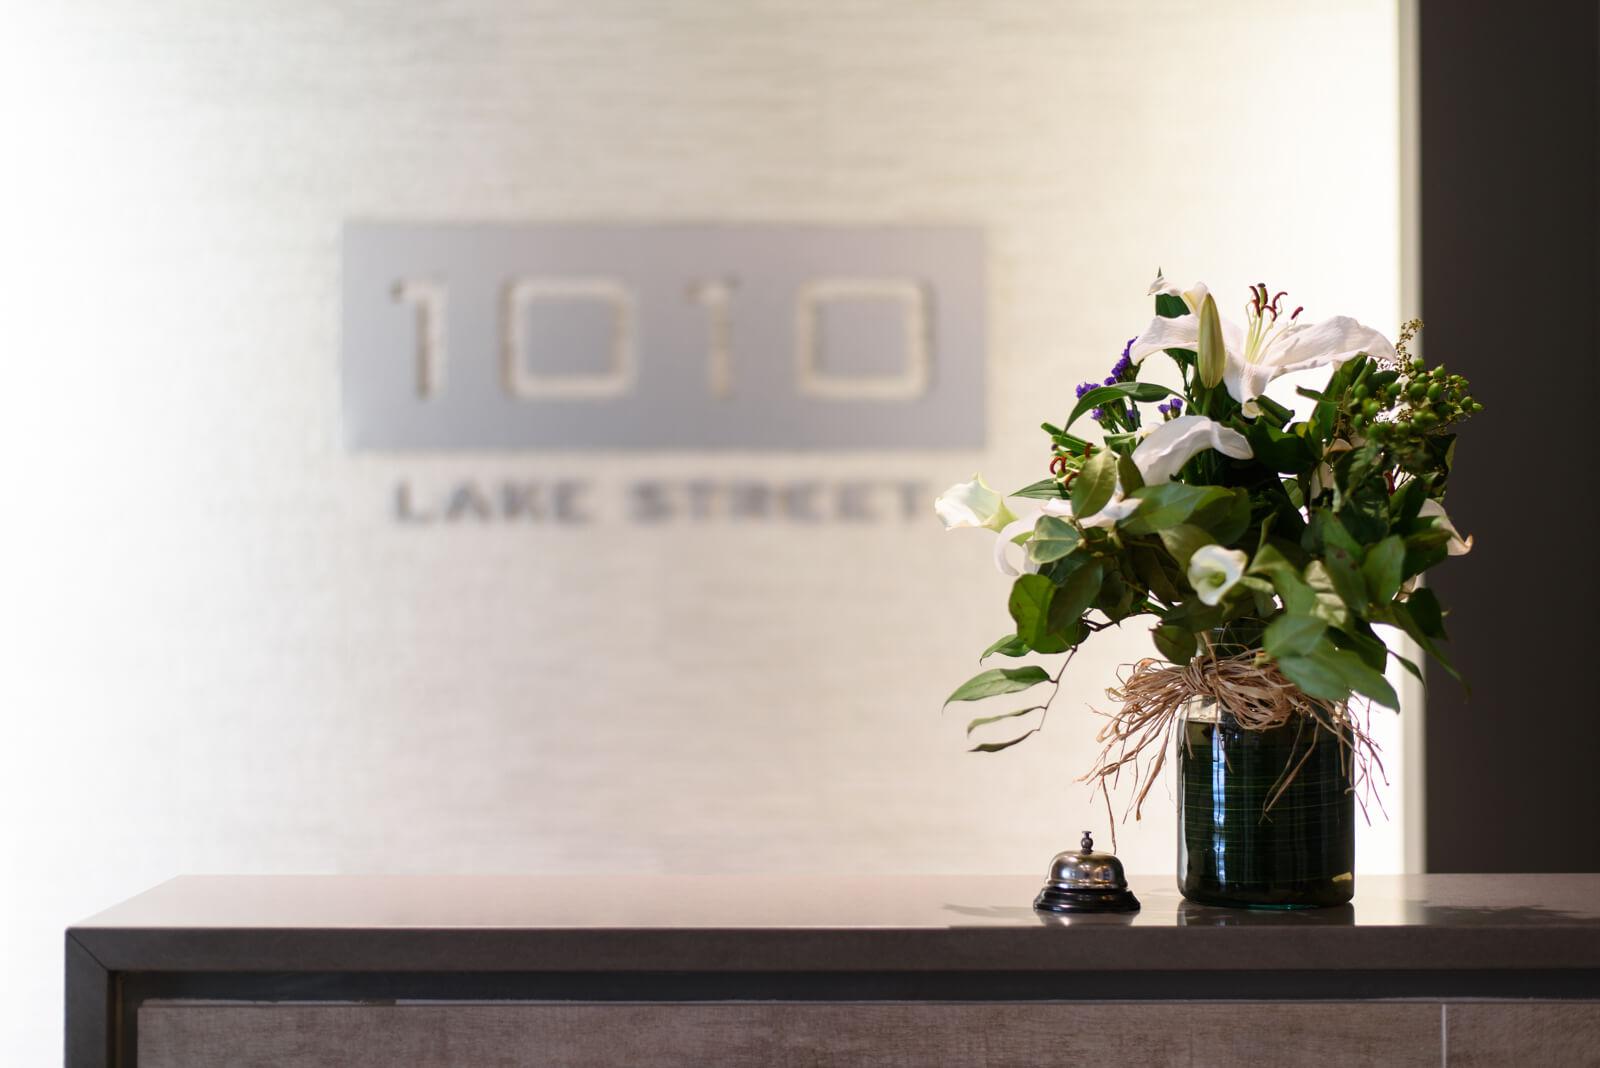 Concierge services at 1010 Lake Street, Downtown Oak Park, IL